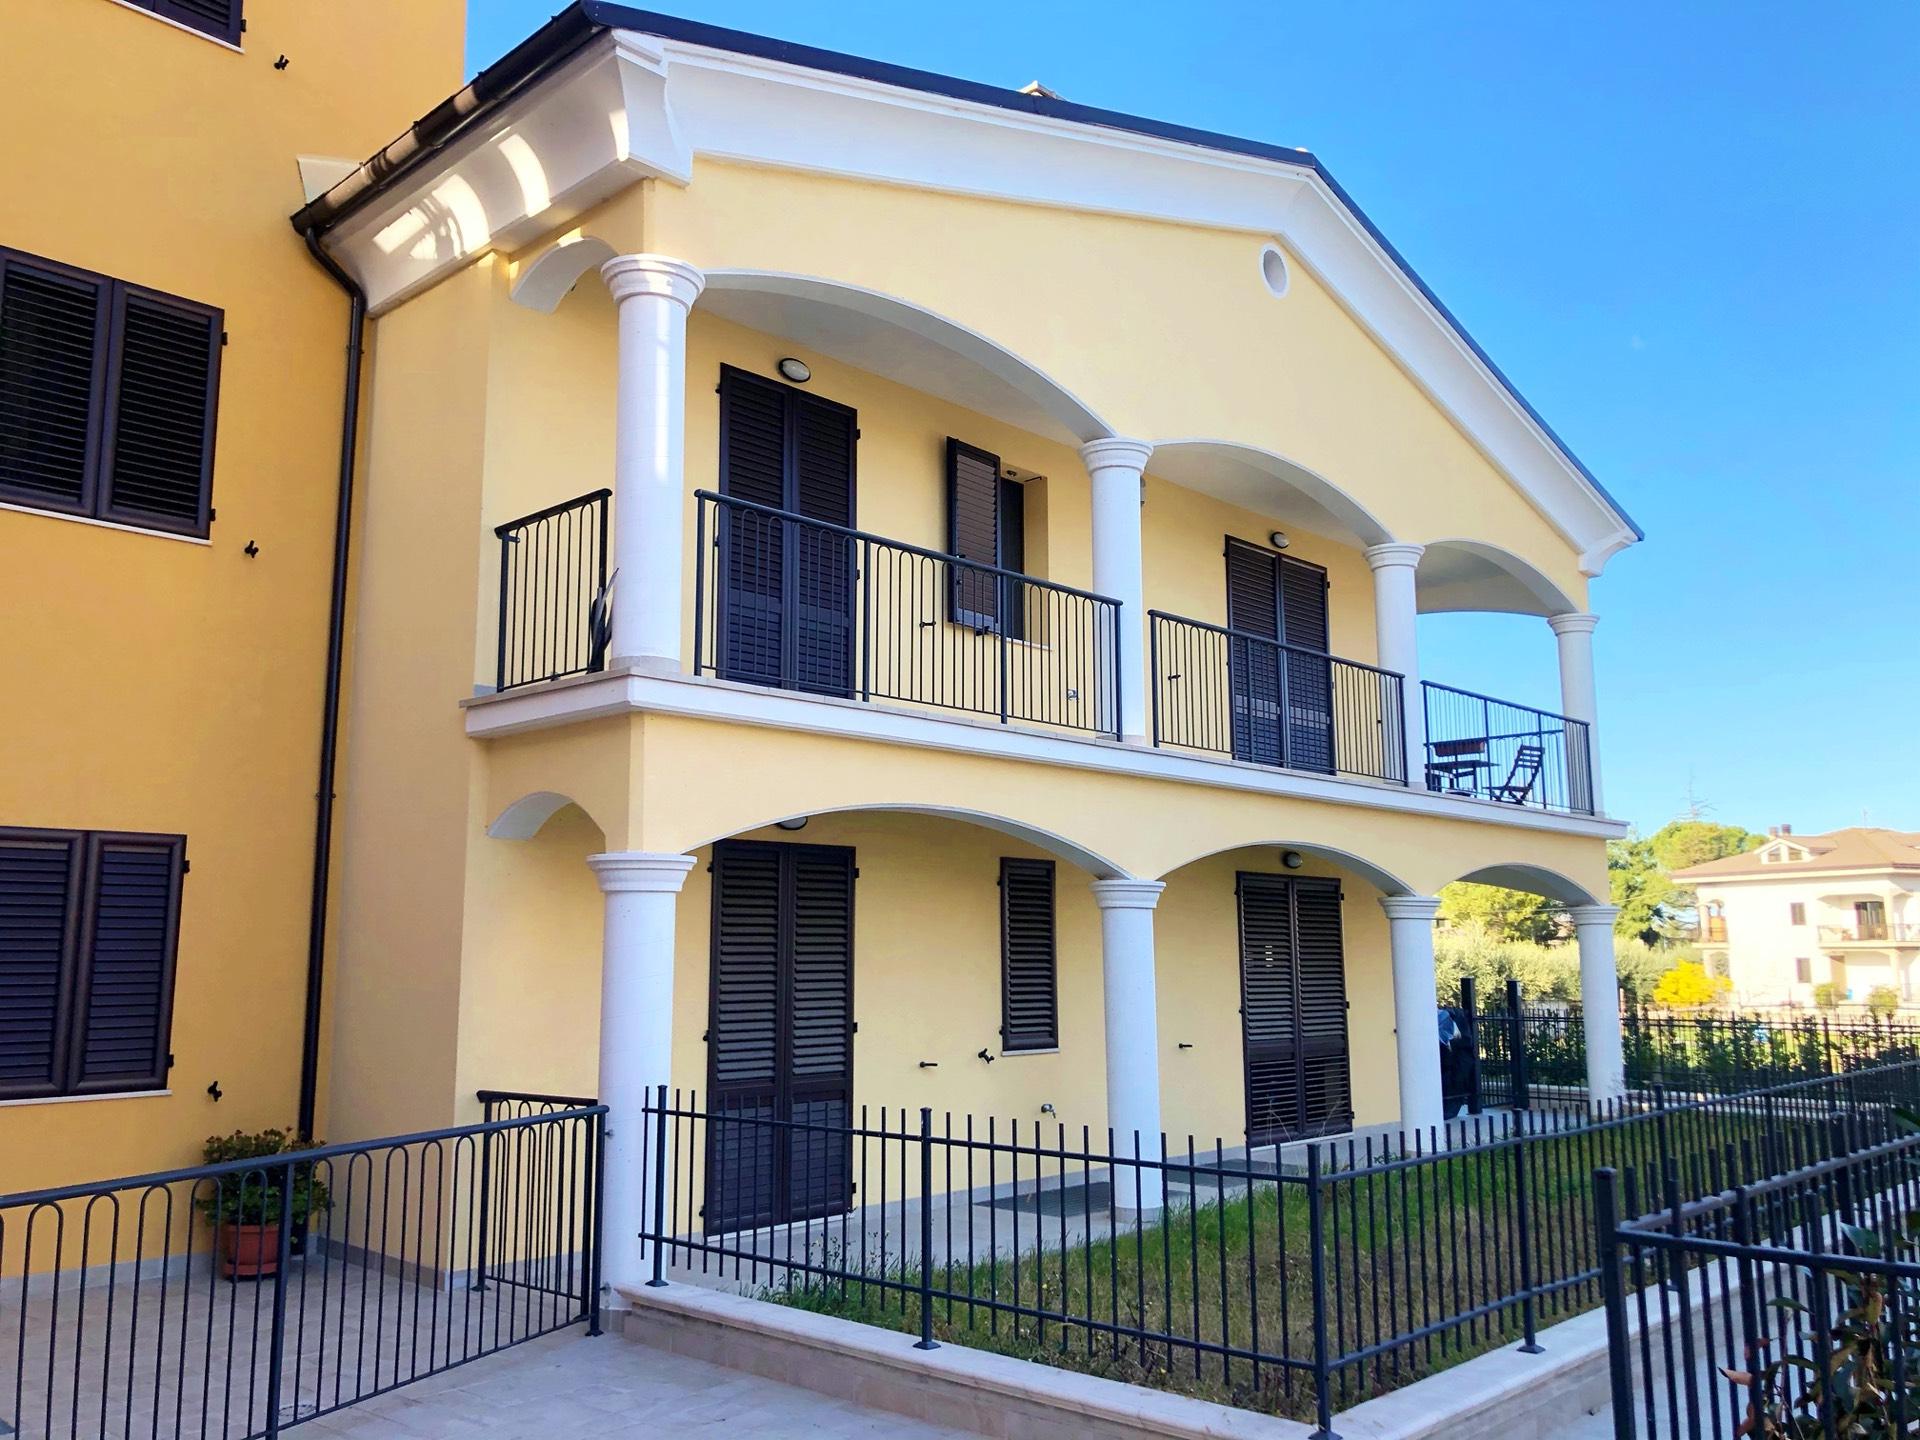 Appartamento in vendita a Fermo, 3 locali, prezzo € 210.000 | CambioCasa.it